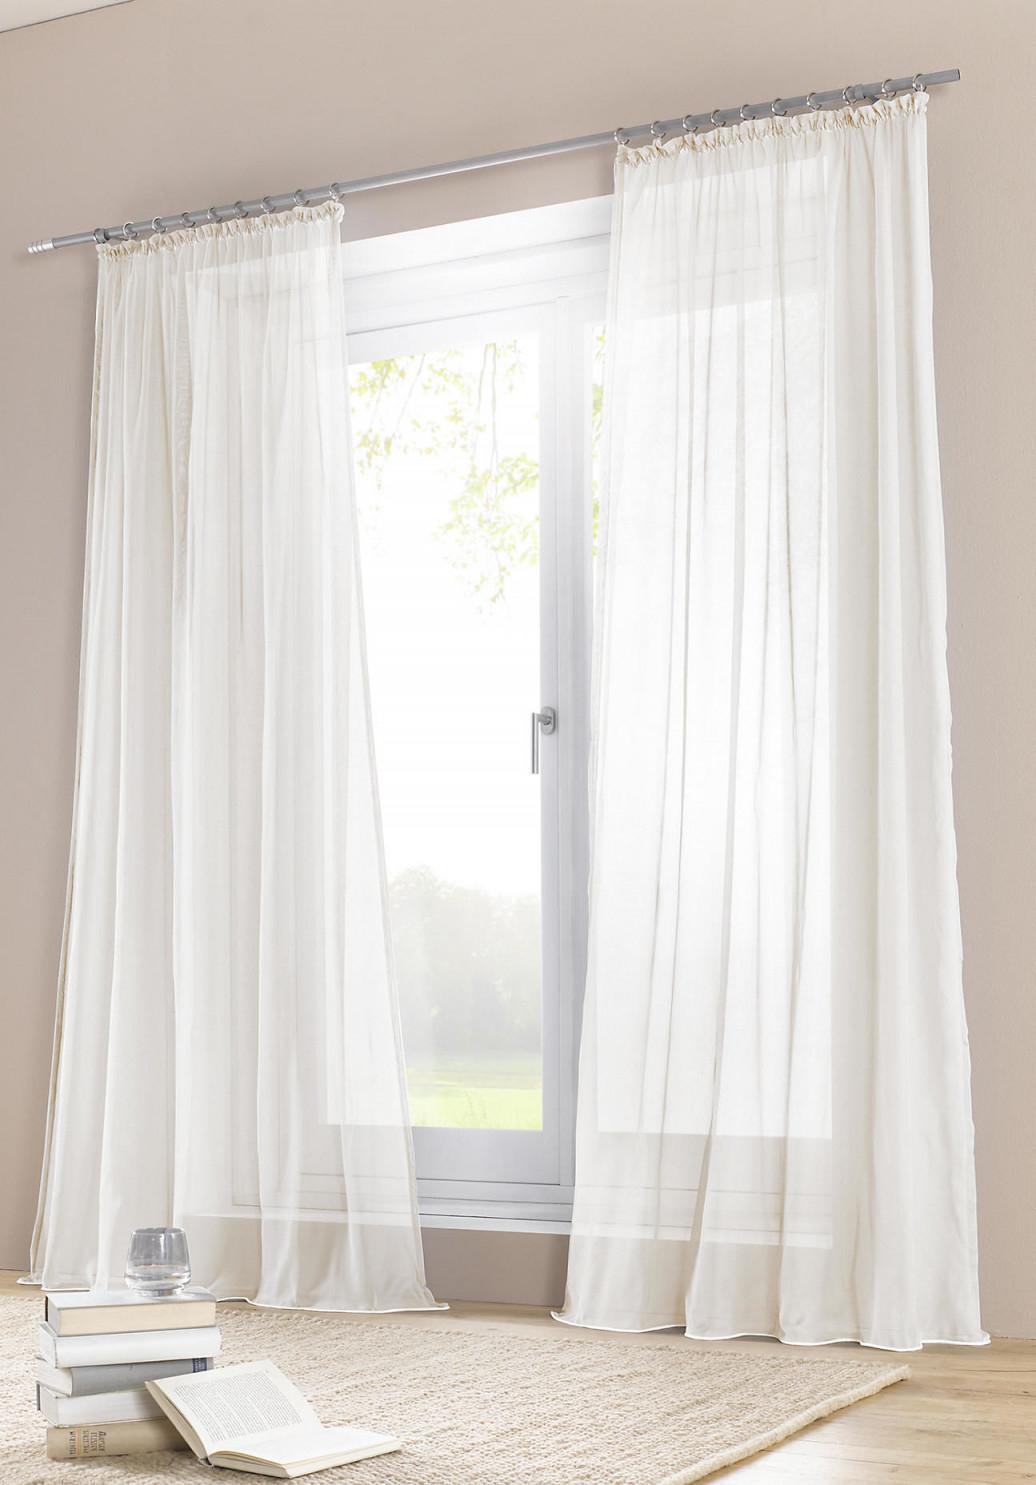 Die Schönsten Ideen Für Vorhänge  Gardinen von Schöne Gardinen Wohnzimmer Photo